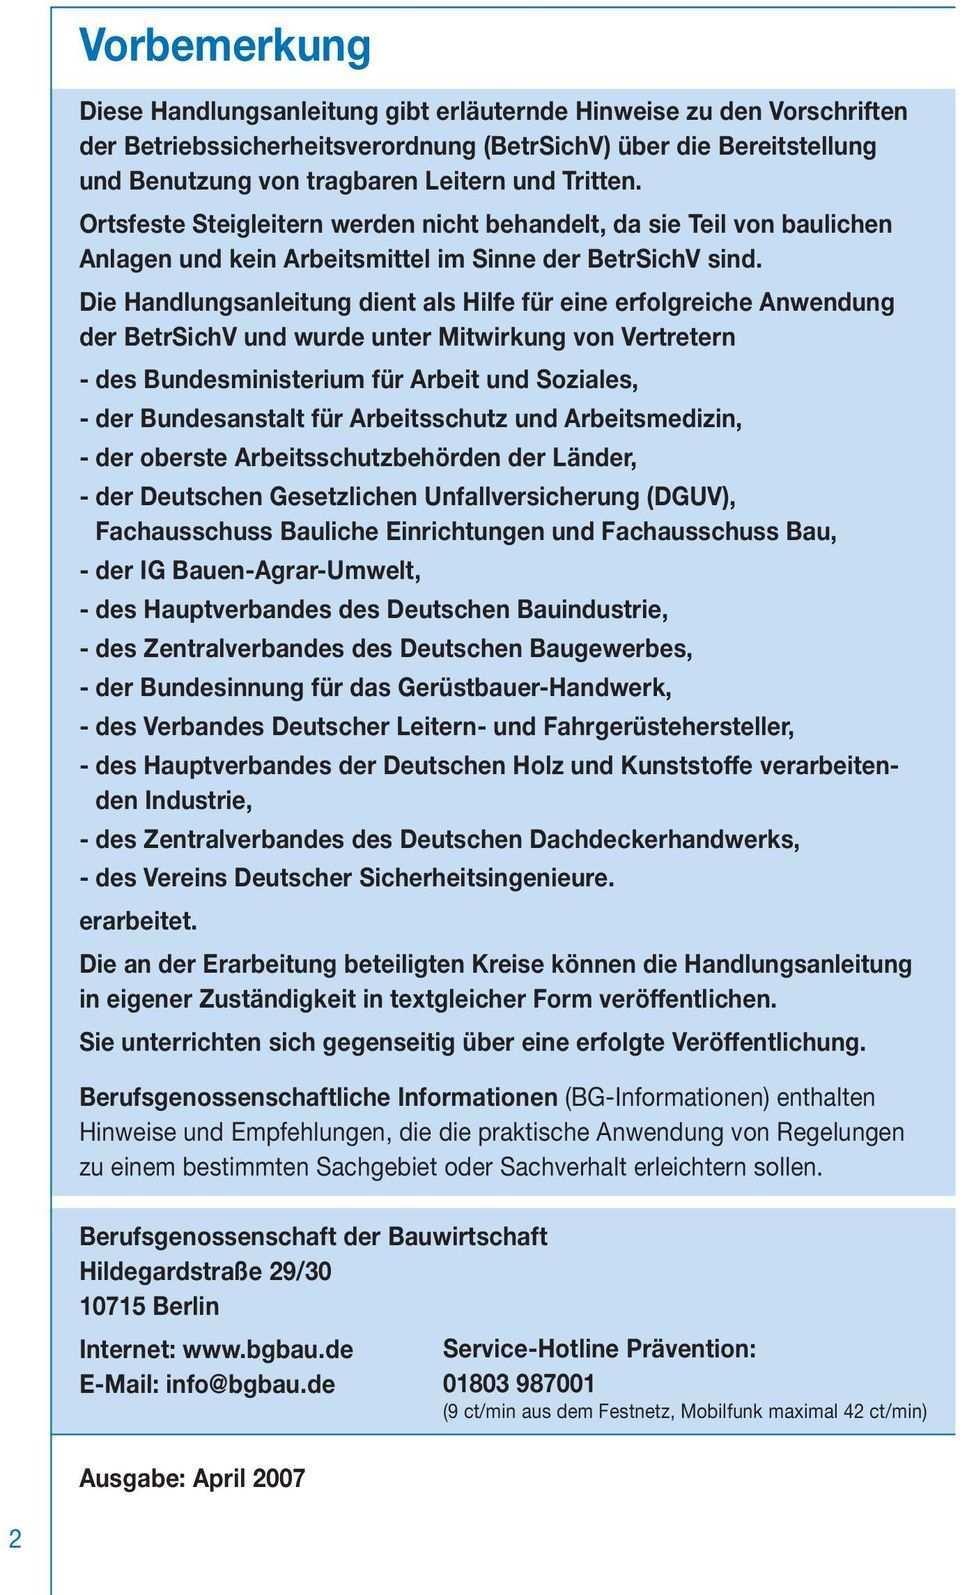 694 Bg Information Handlungsanleitung Fur Den Umgang Mit Leitern Und Tritten Pdf Kostenfreier Download